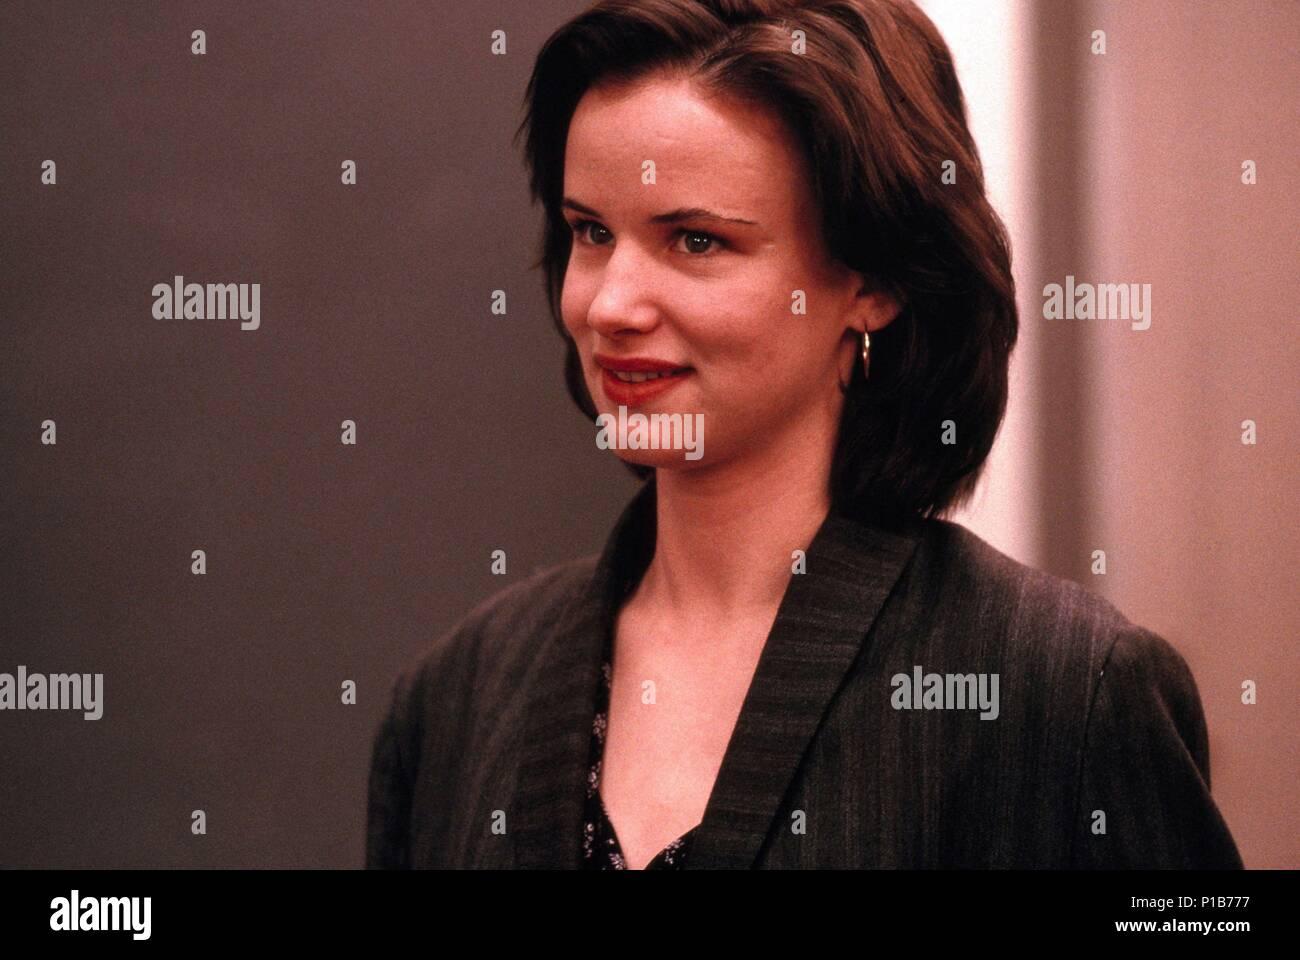 Juliette Lewis Director Stock Photos & Juliette Lewis Director Stock ...